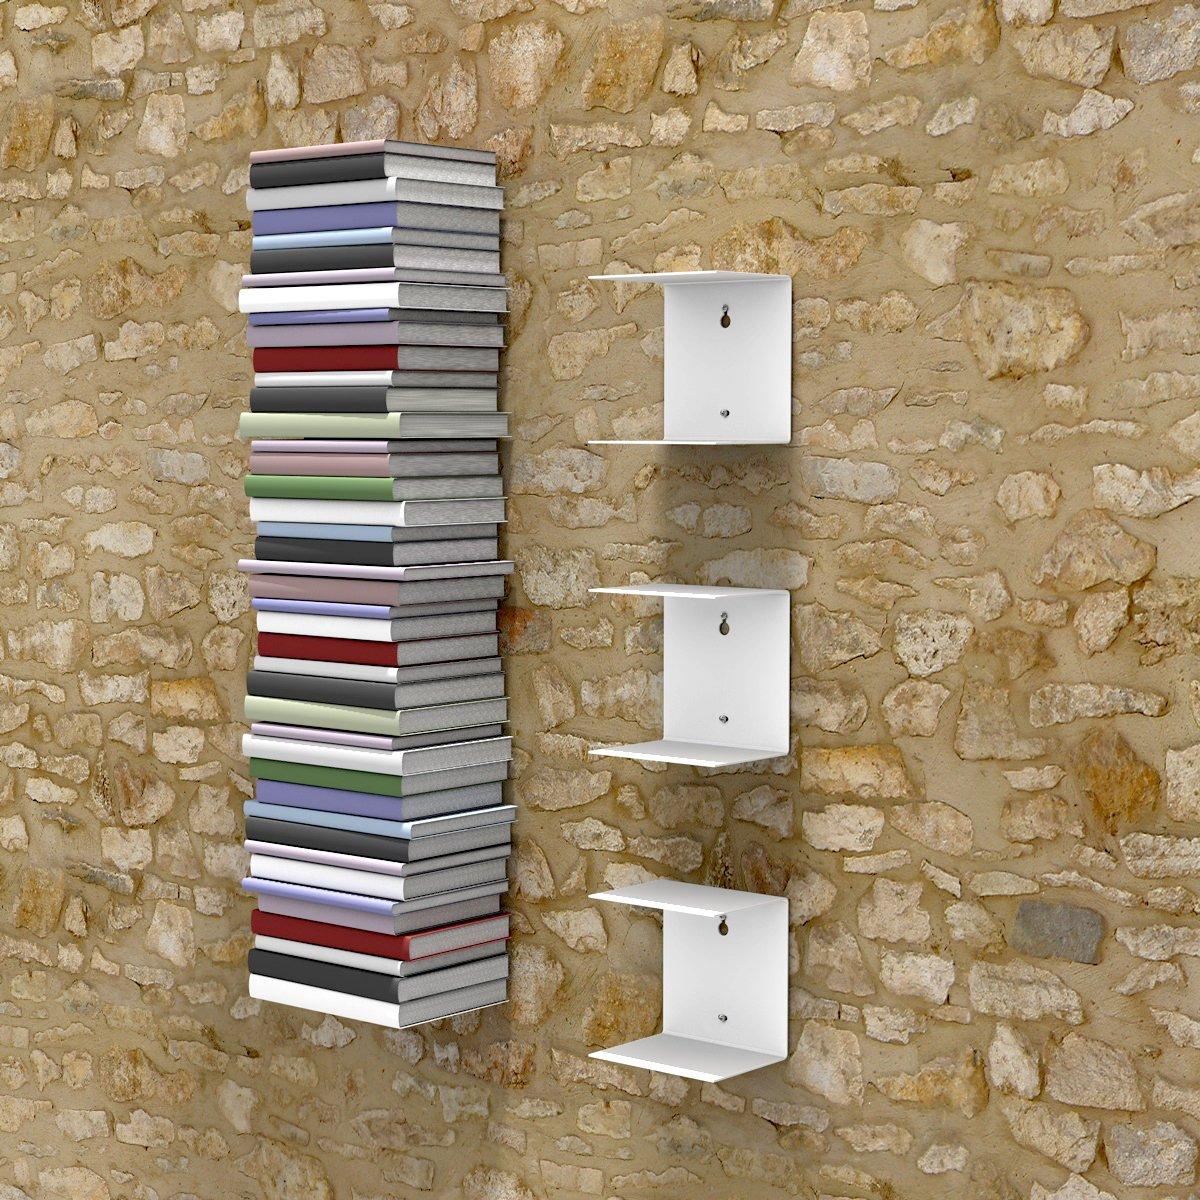 Wandregal bücher unsichtbar  home3000 3 weisse unsichtbare Bücherregale mit 6 Fächern bis zu 150 ...